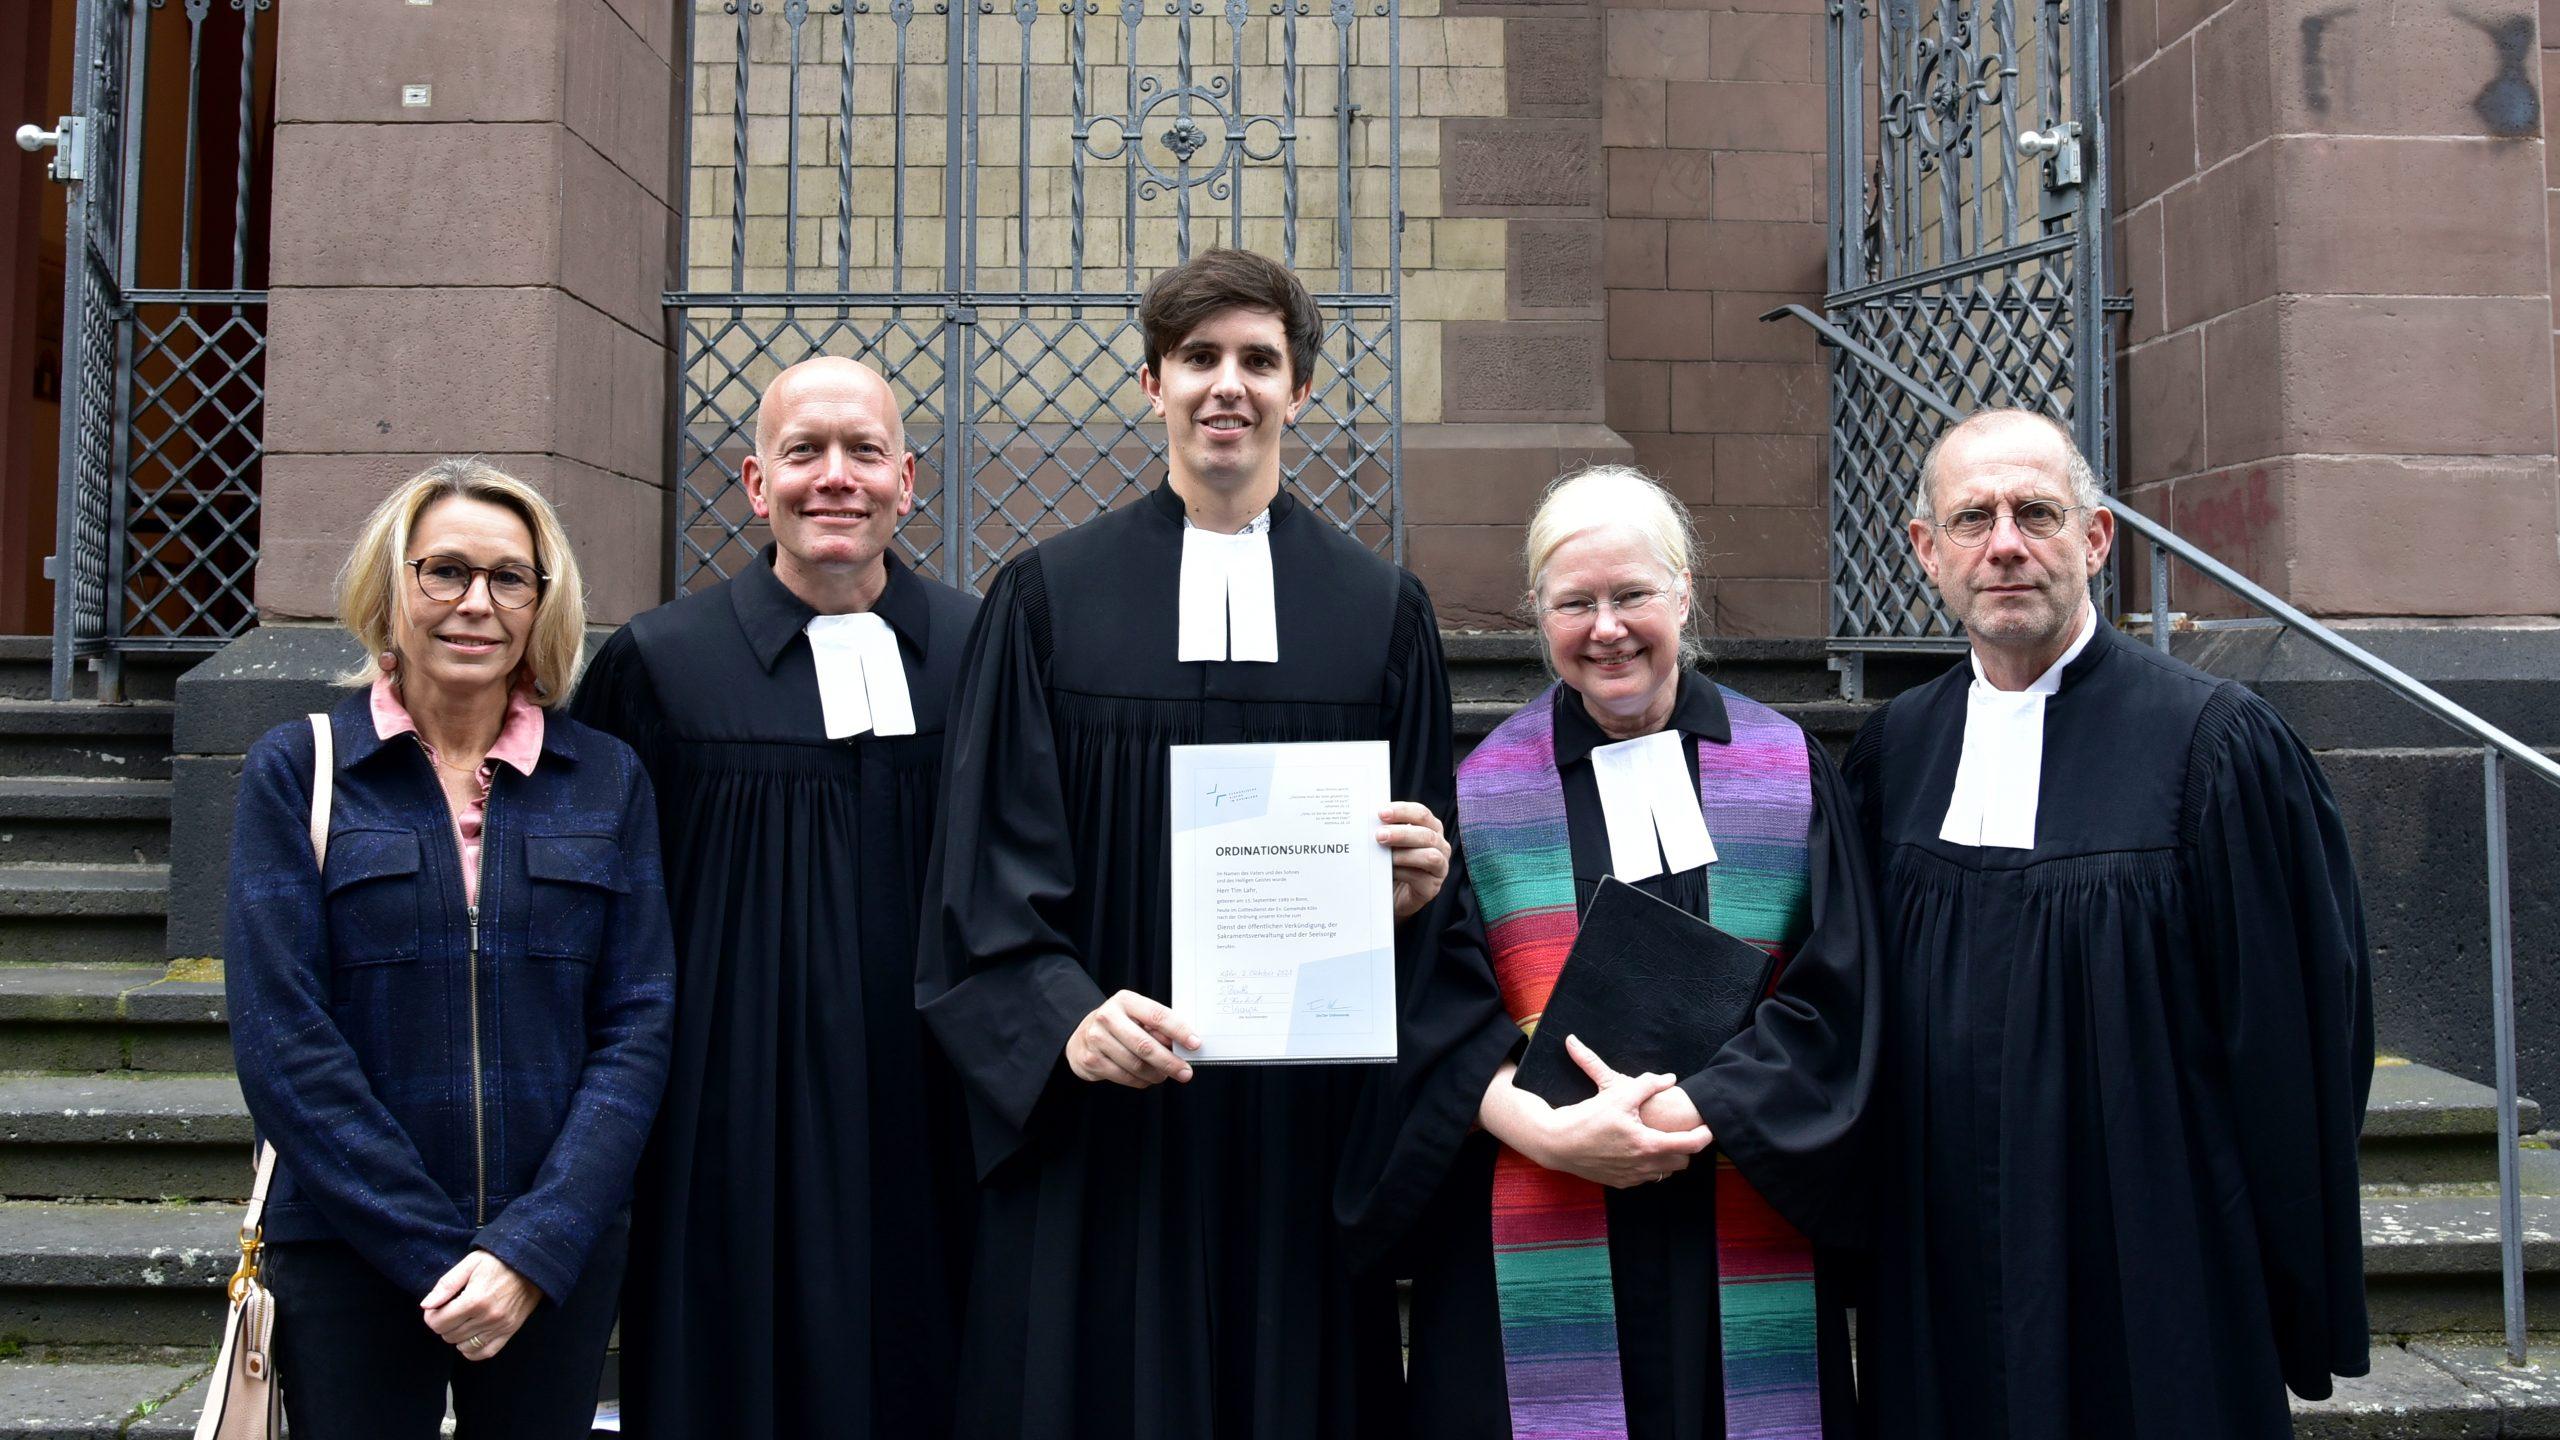 Pfarrer Tim Lahr wurde in der Christuskirche ordiniert